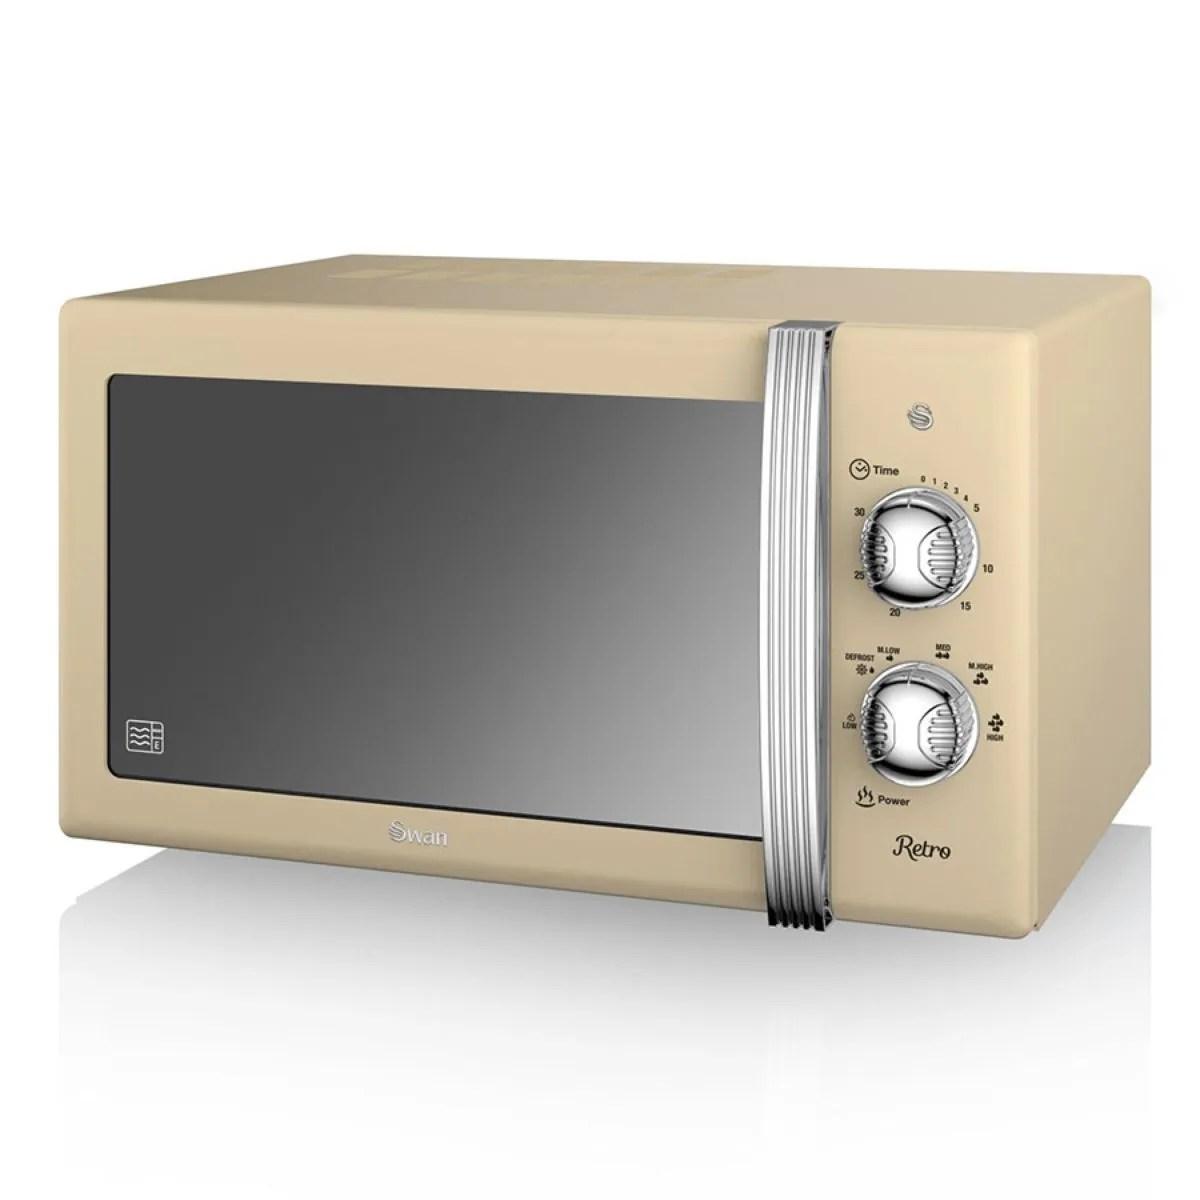 swan retro sm22130cn 800w 20l solo manual microwave cream